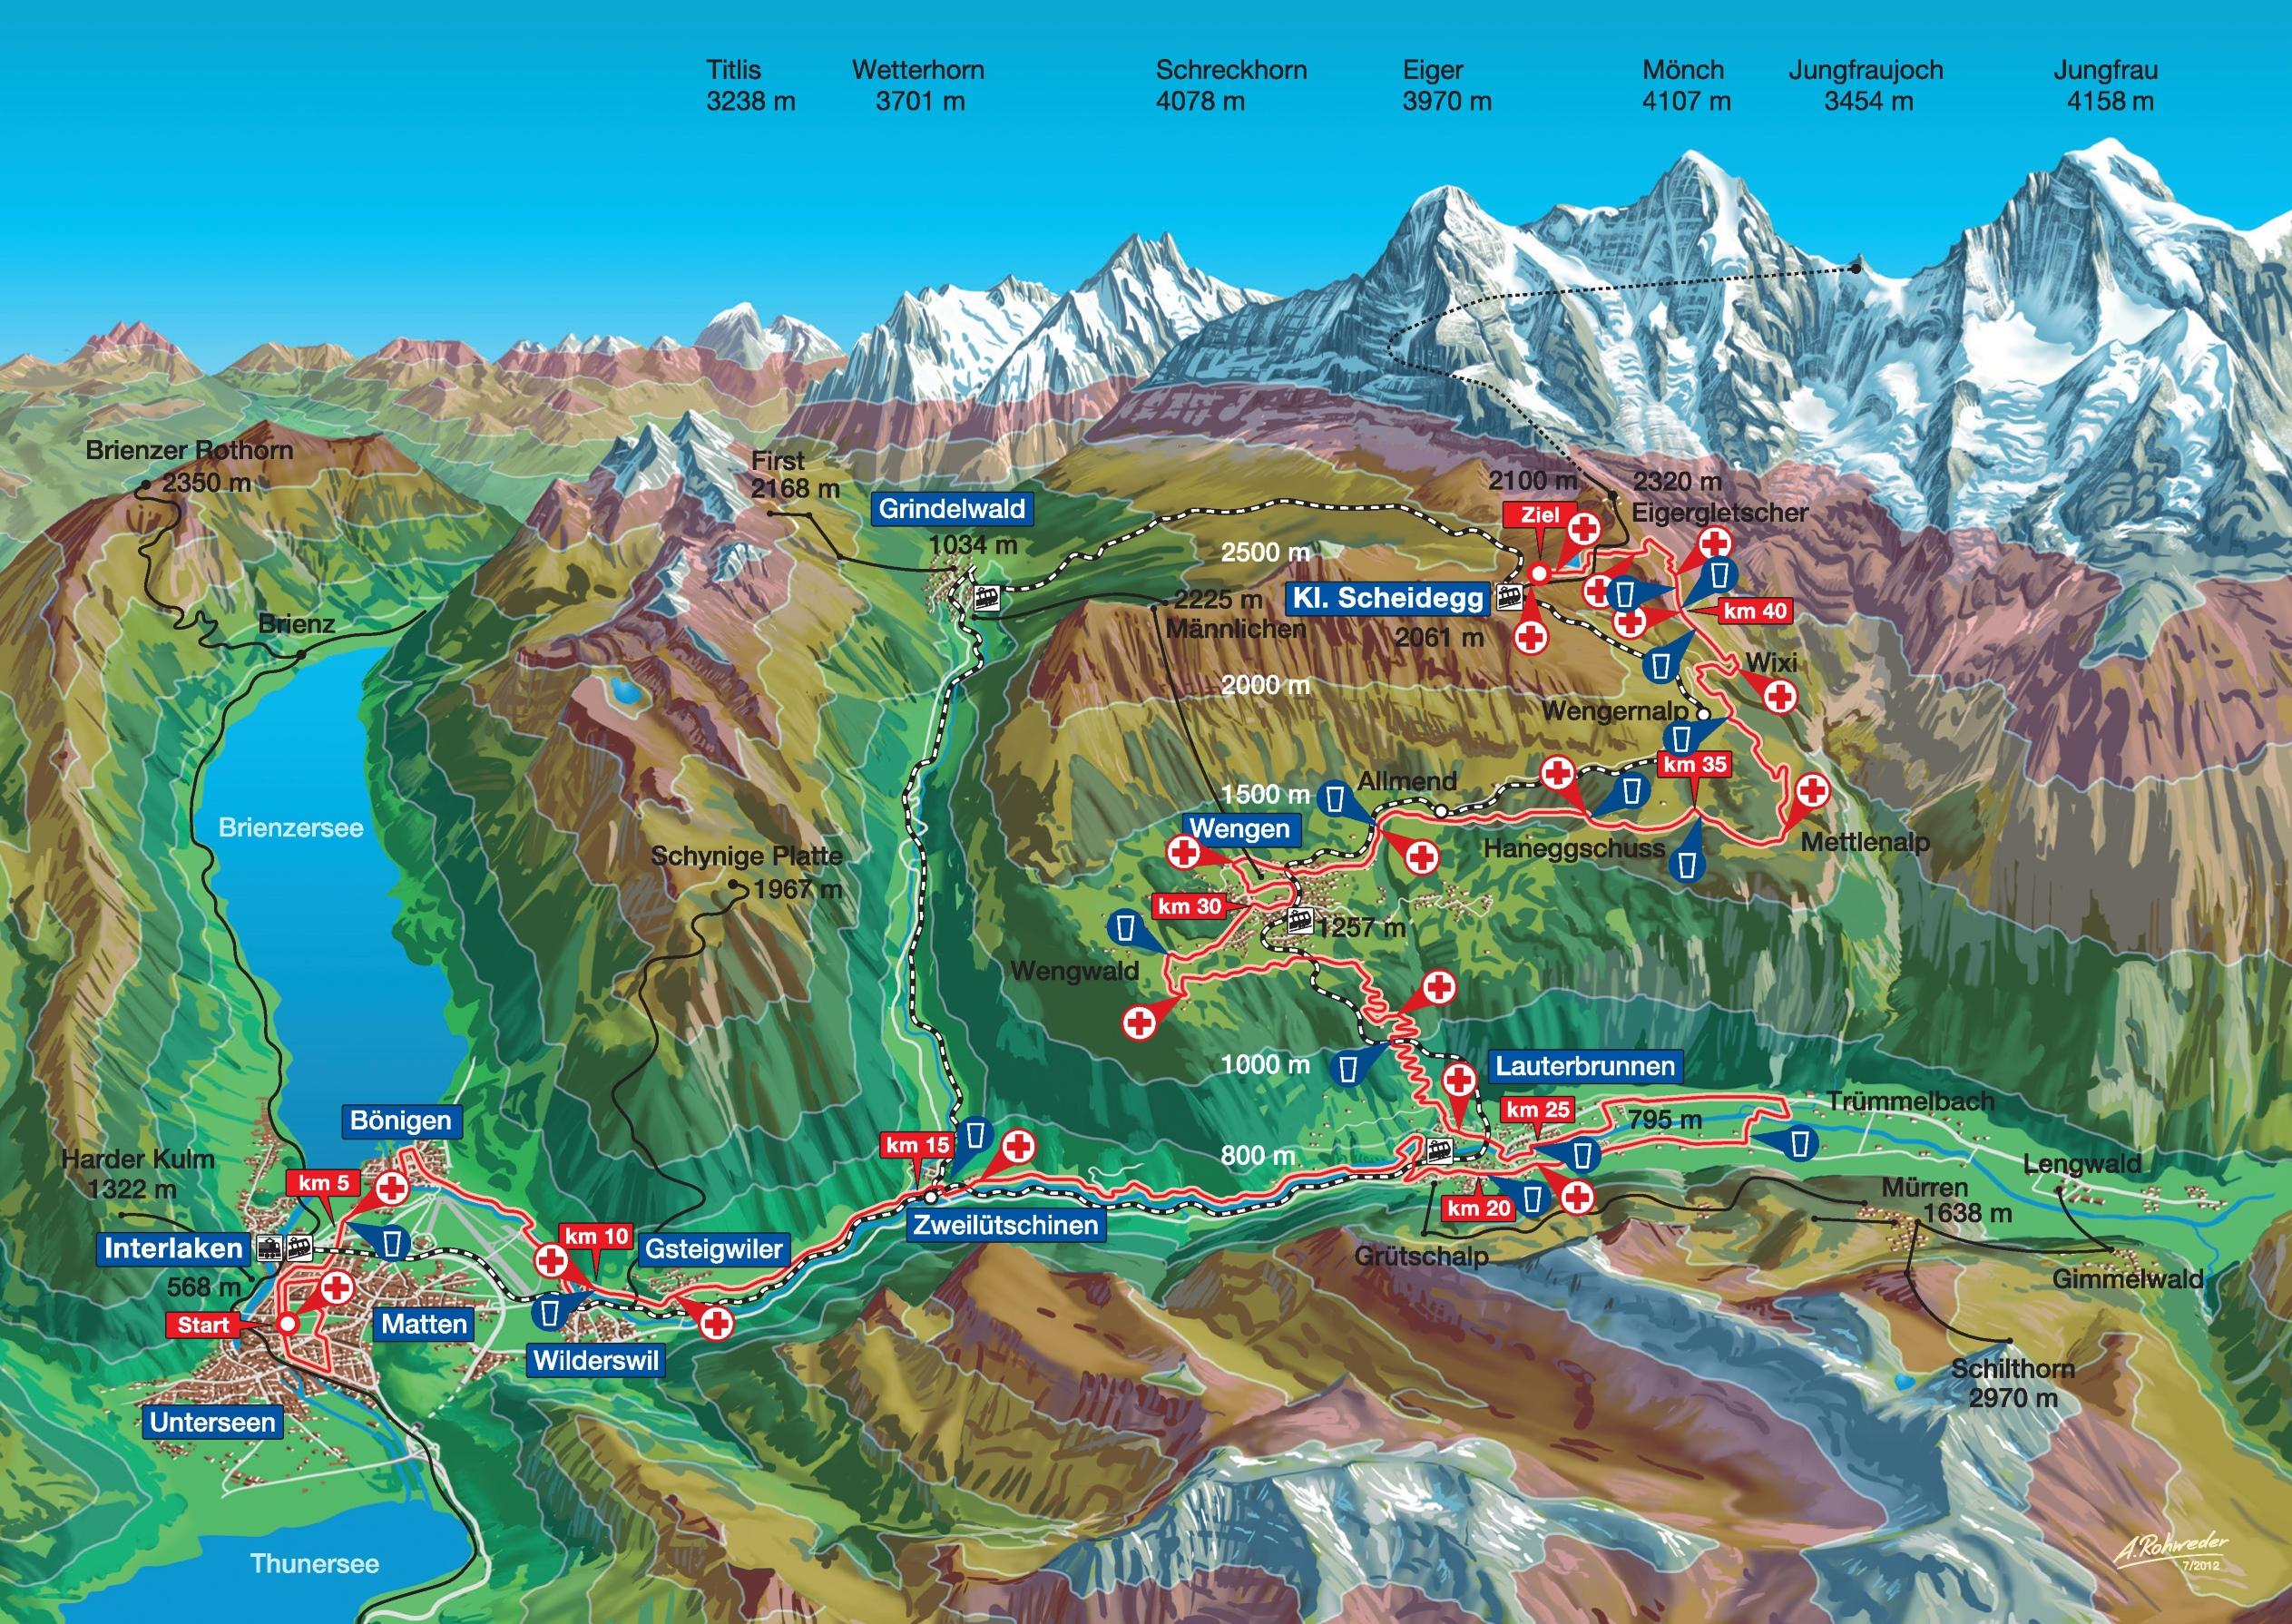 Jungfrau hiking map